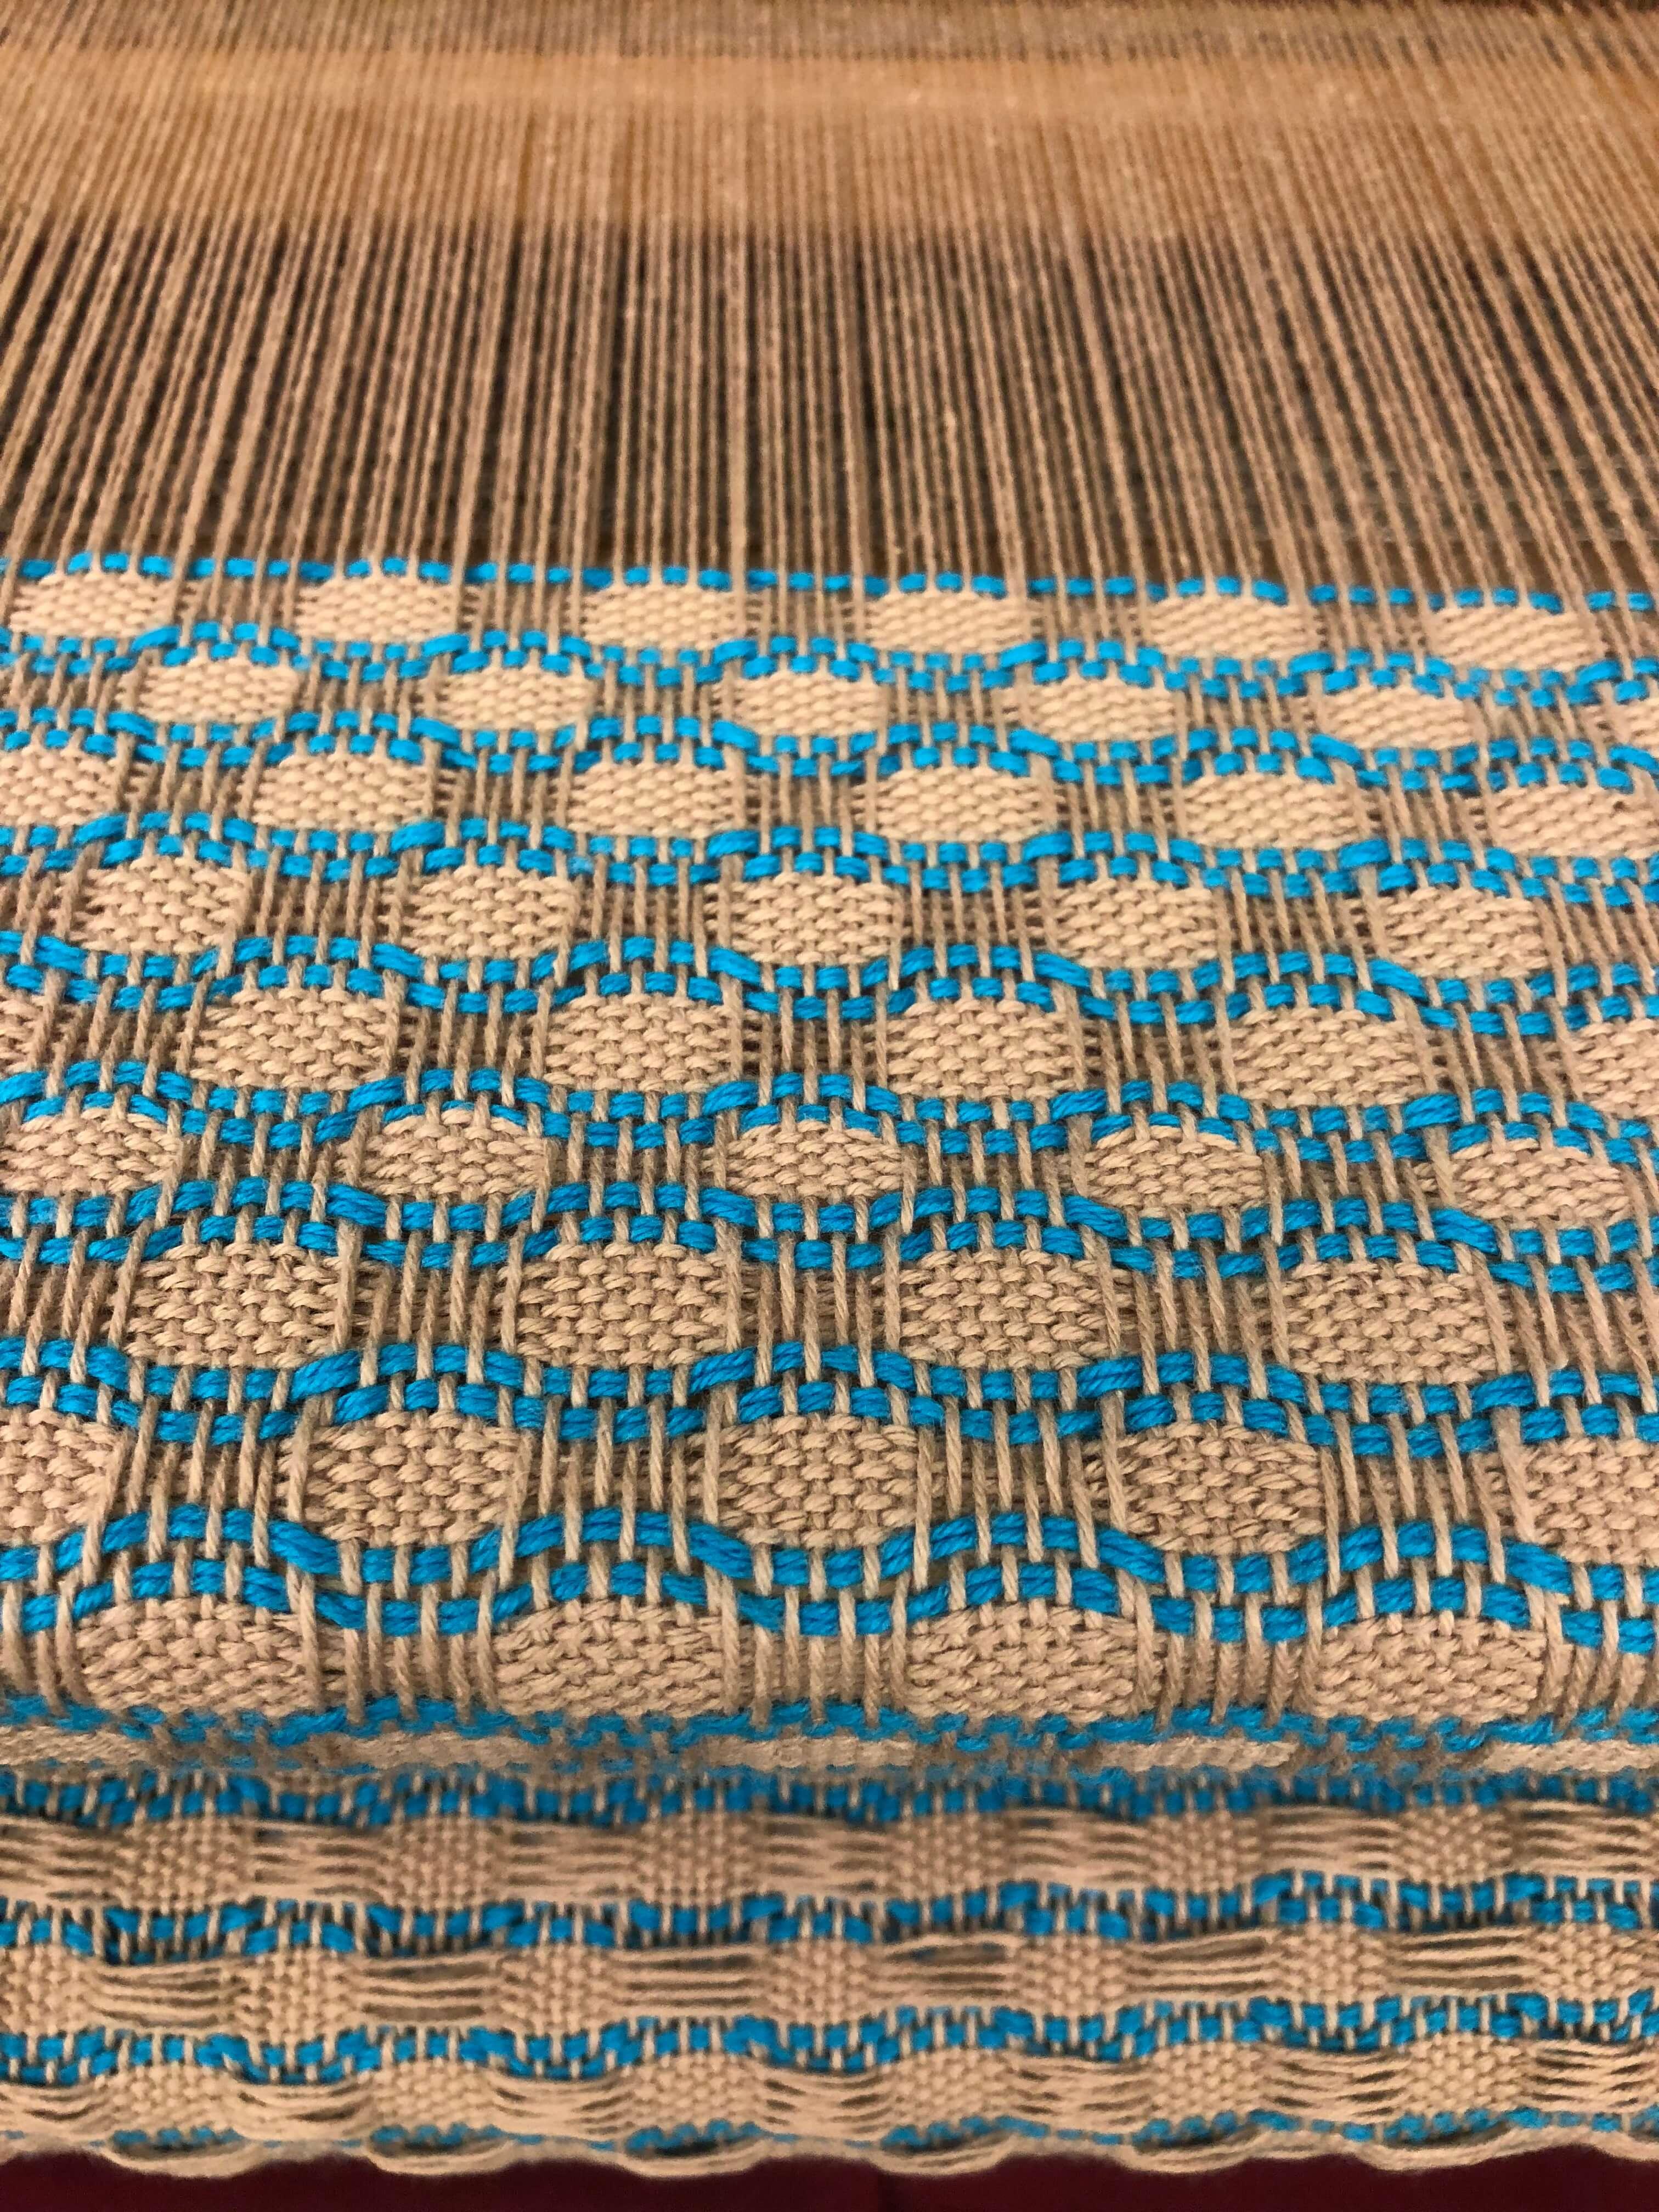 Weaving_2018_IMG_2788